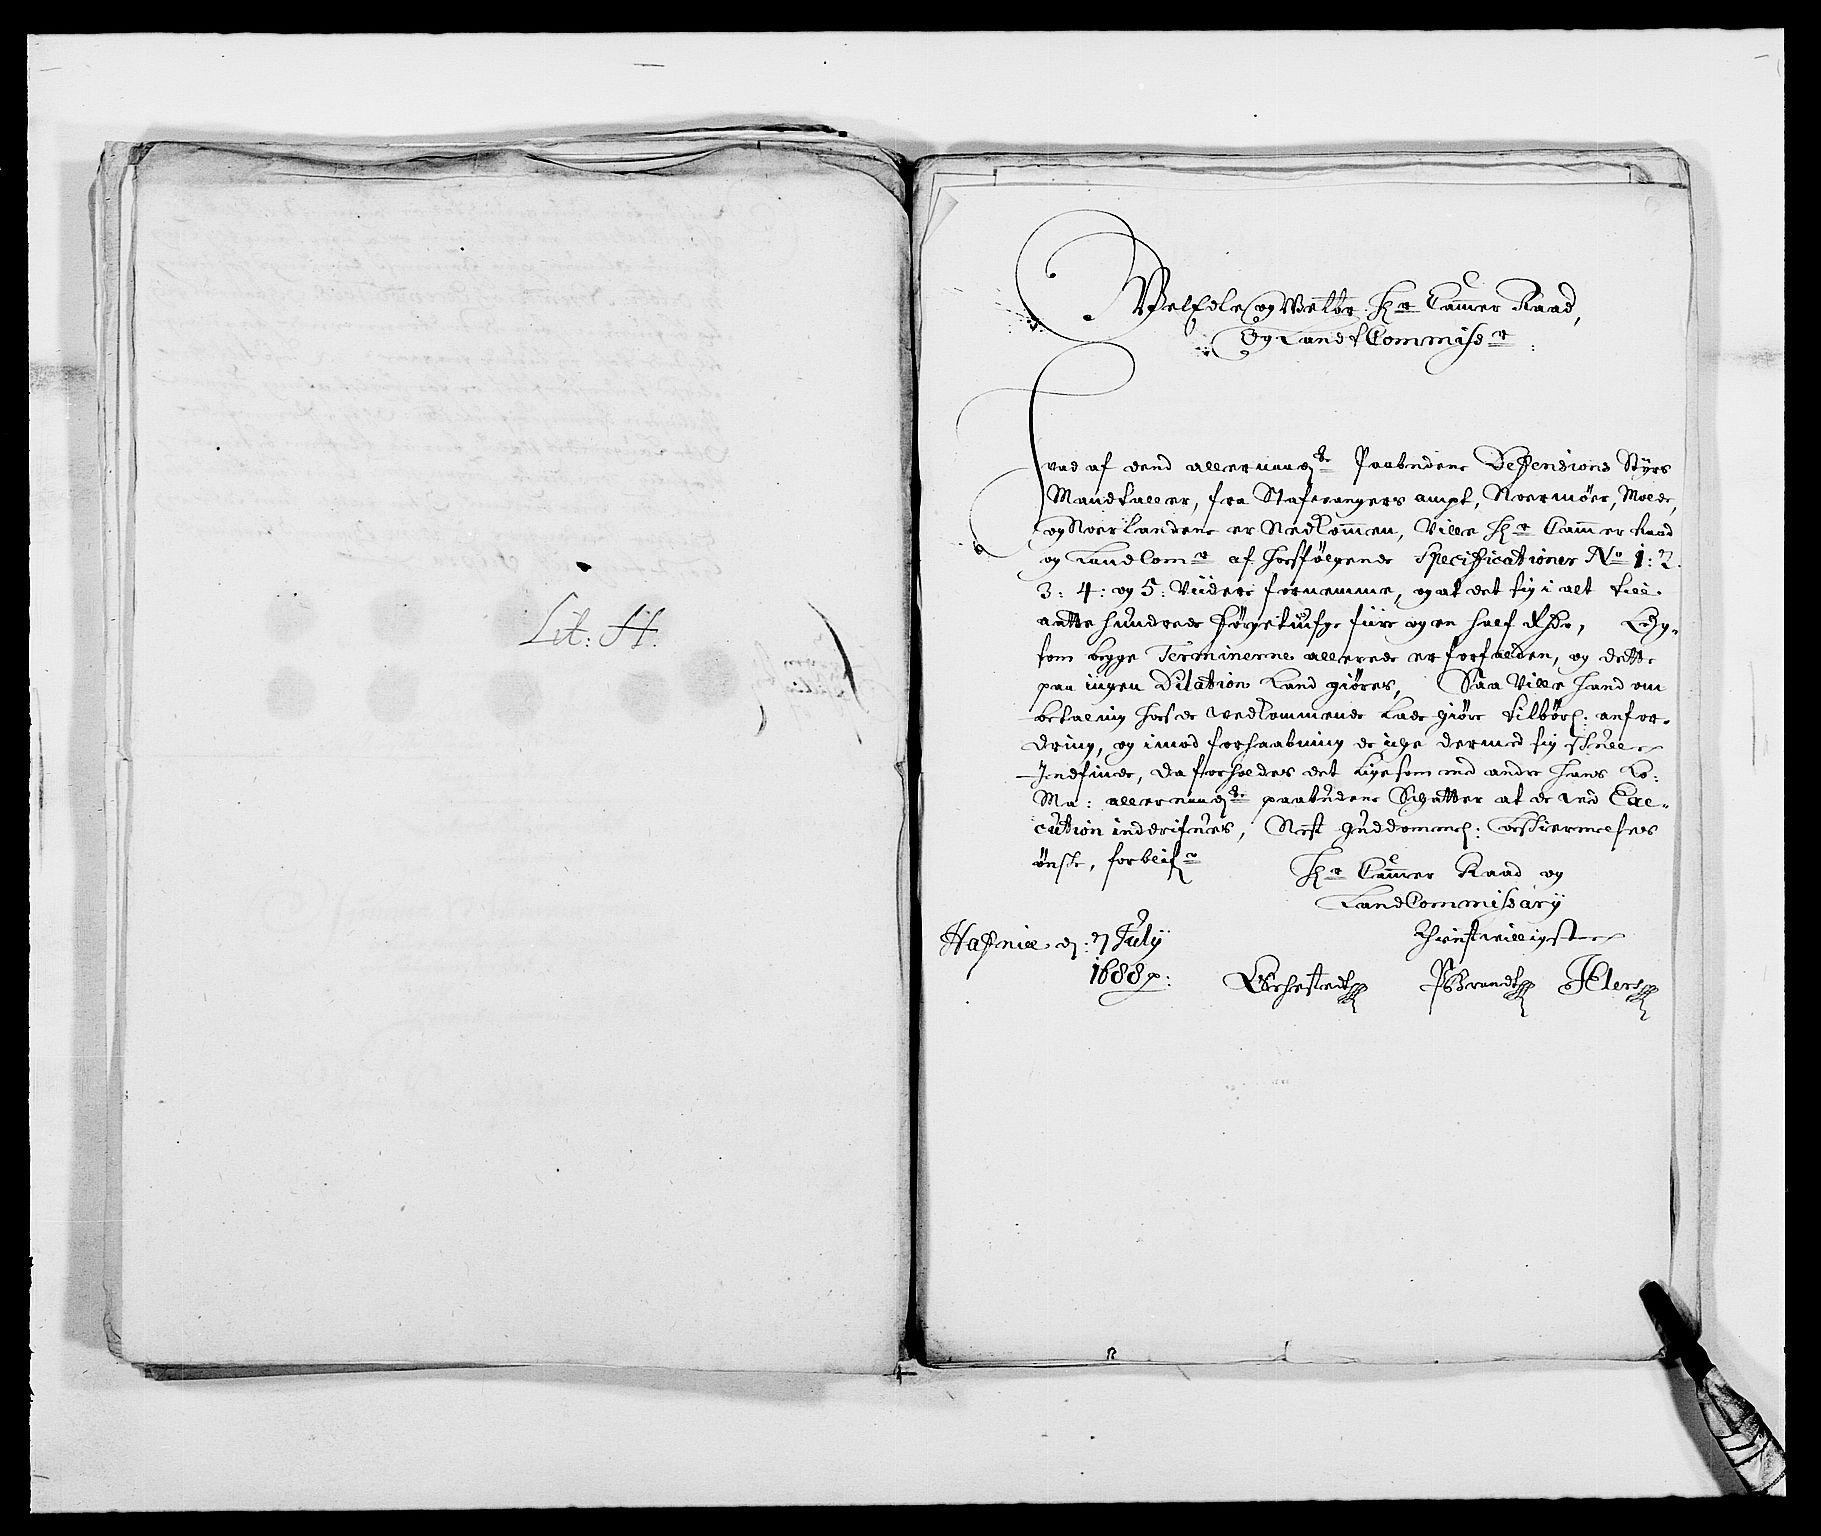 RA, Rentekammeret inntil 1814, Reviderte regnskaper, Fogderegnskap, R47/L2855: Fogderegnskap Ryfylke, 1685-1688, s. 389